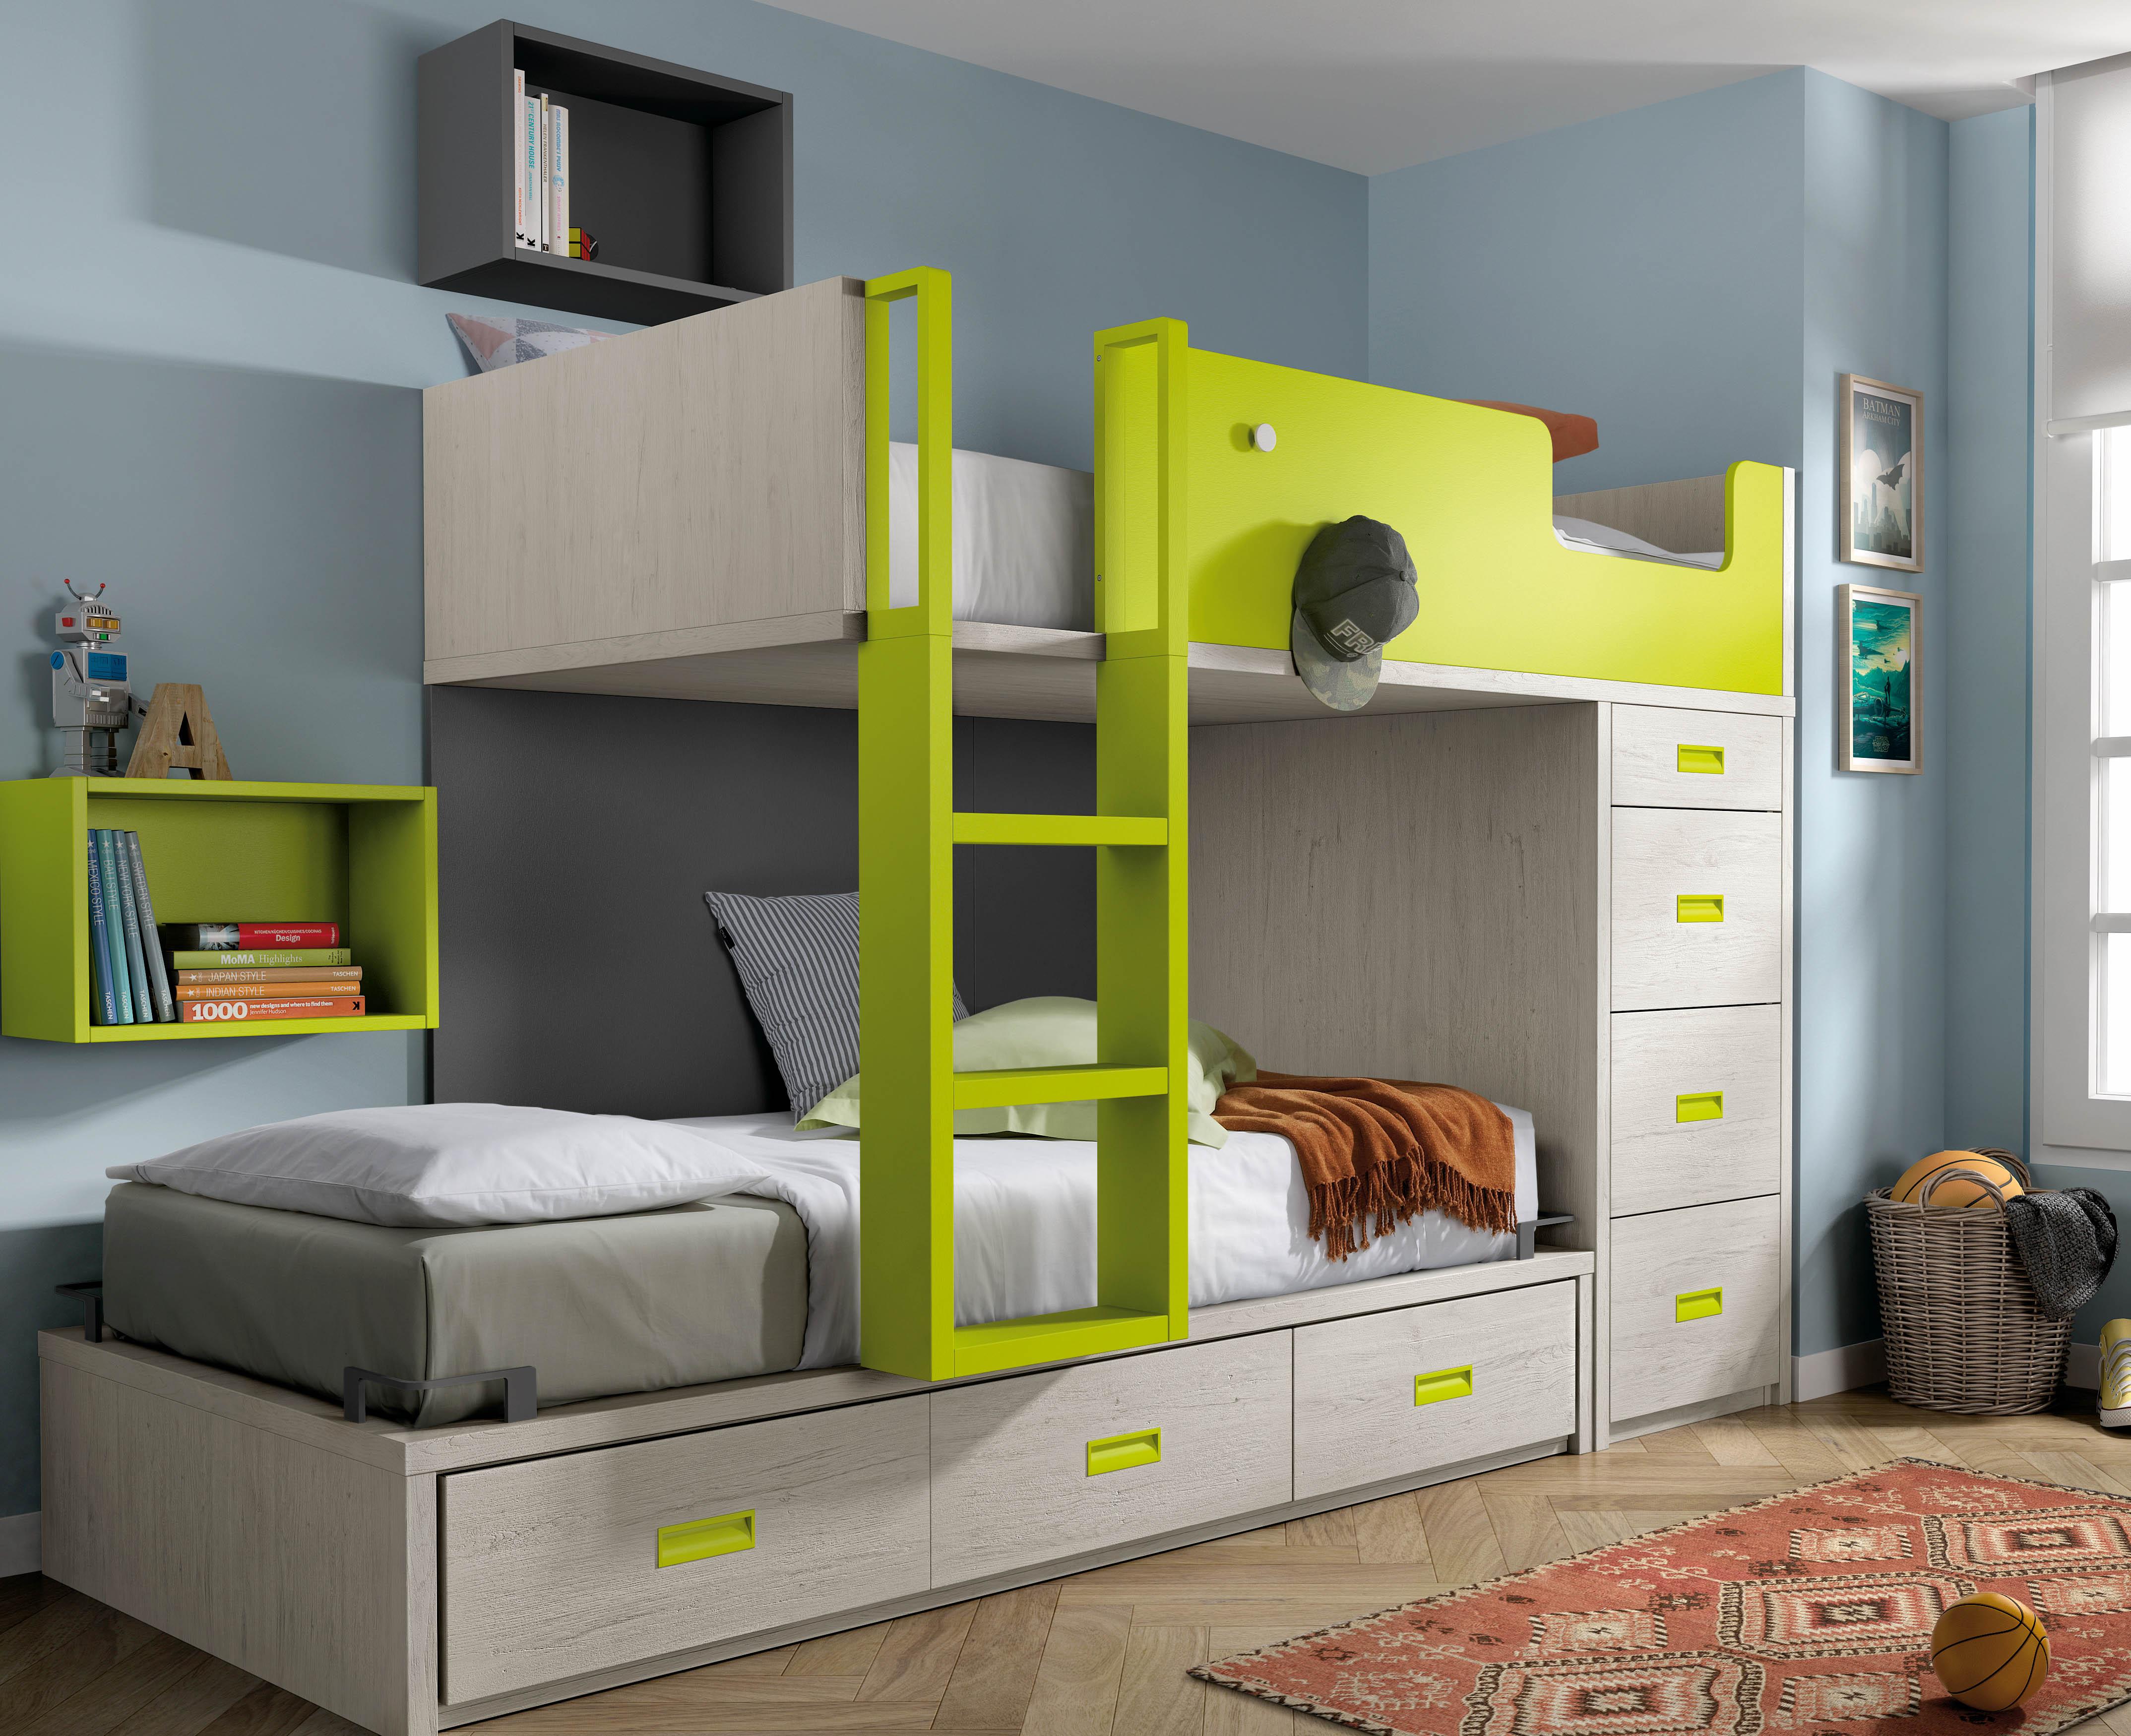 Muebles juveniles cama tren dormitorios juveniles cama for Camas en altura juveniles